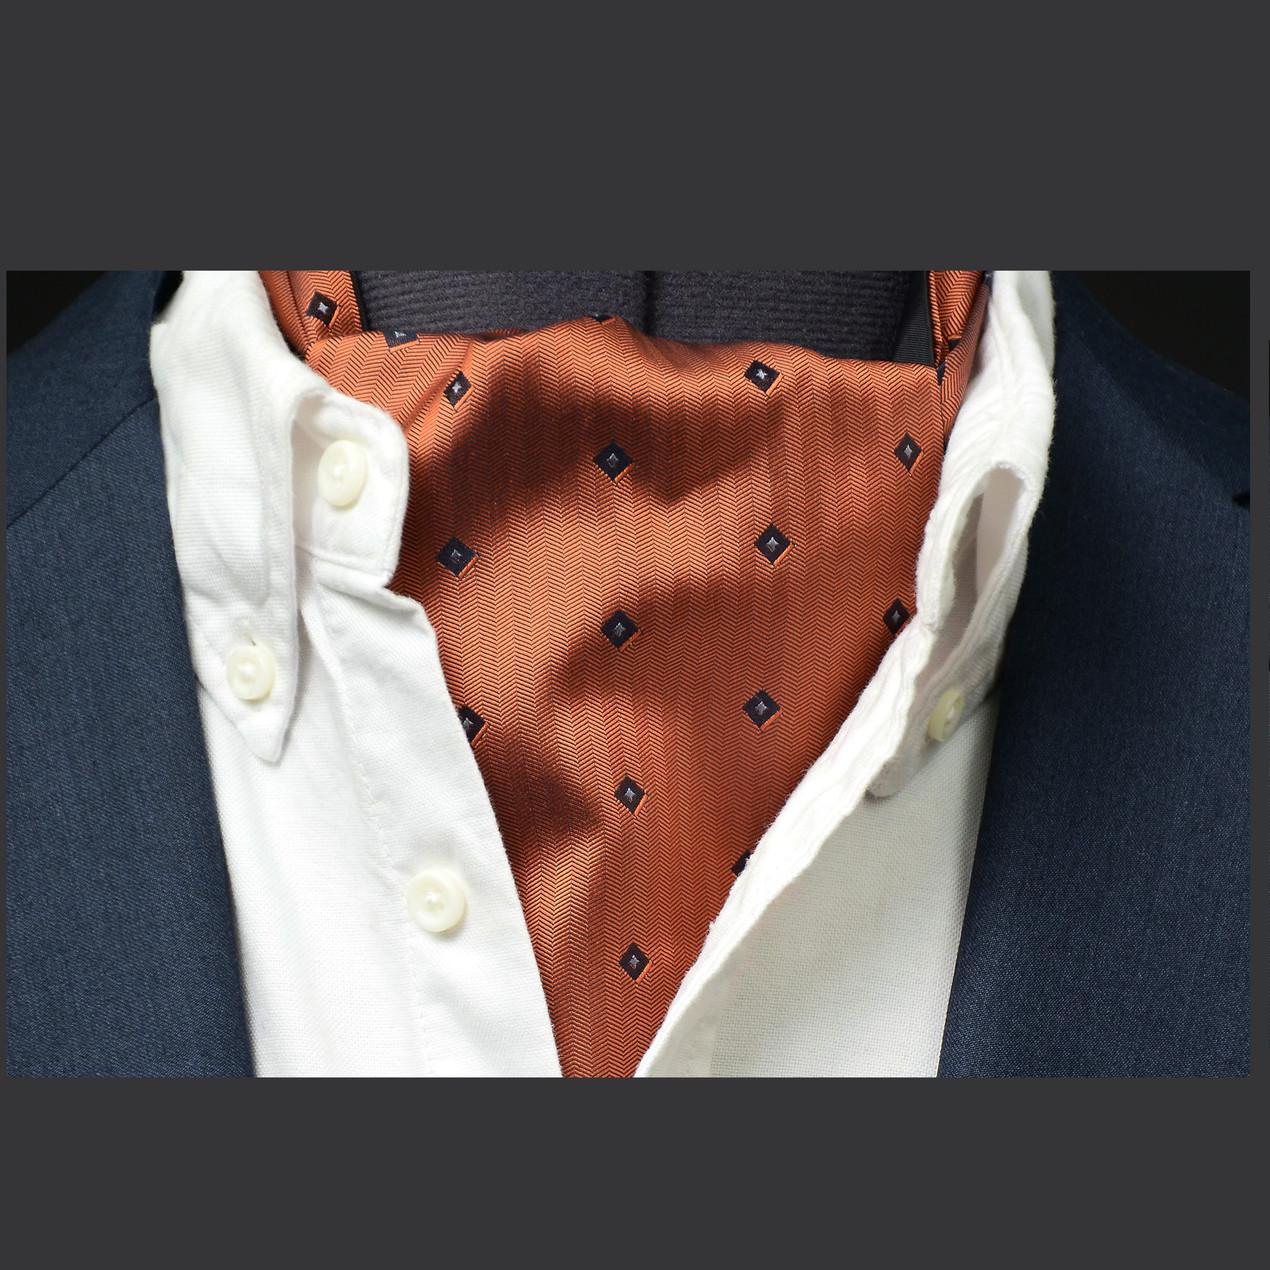 Ascot Tie - Heng Fashion. Made in Berlin